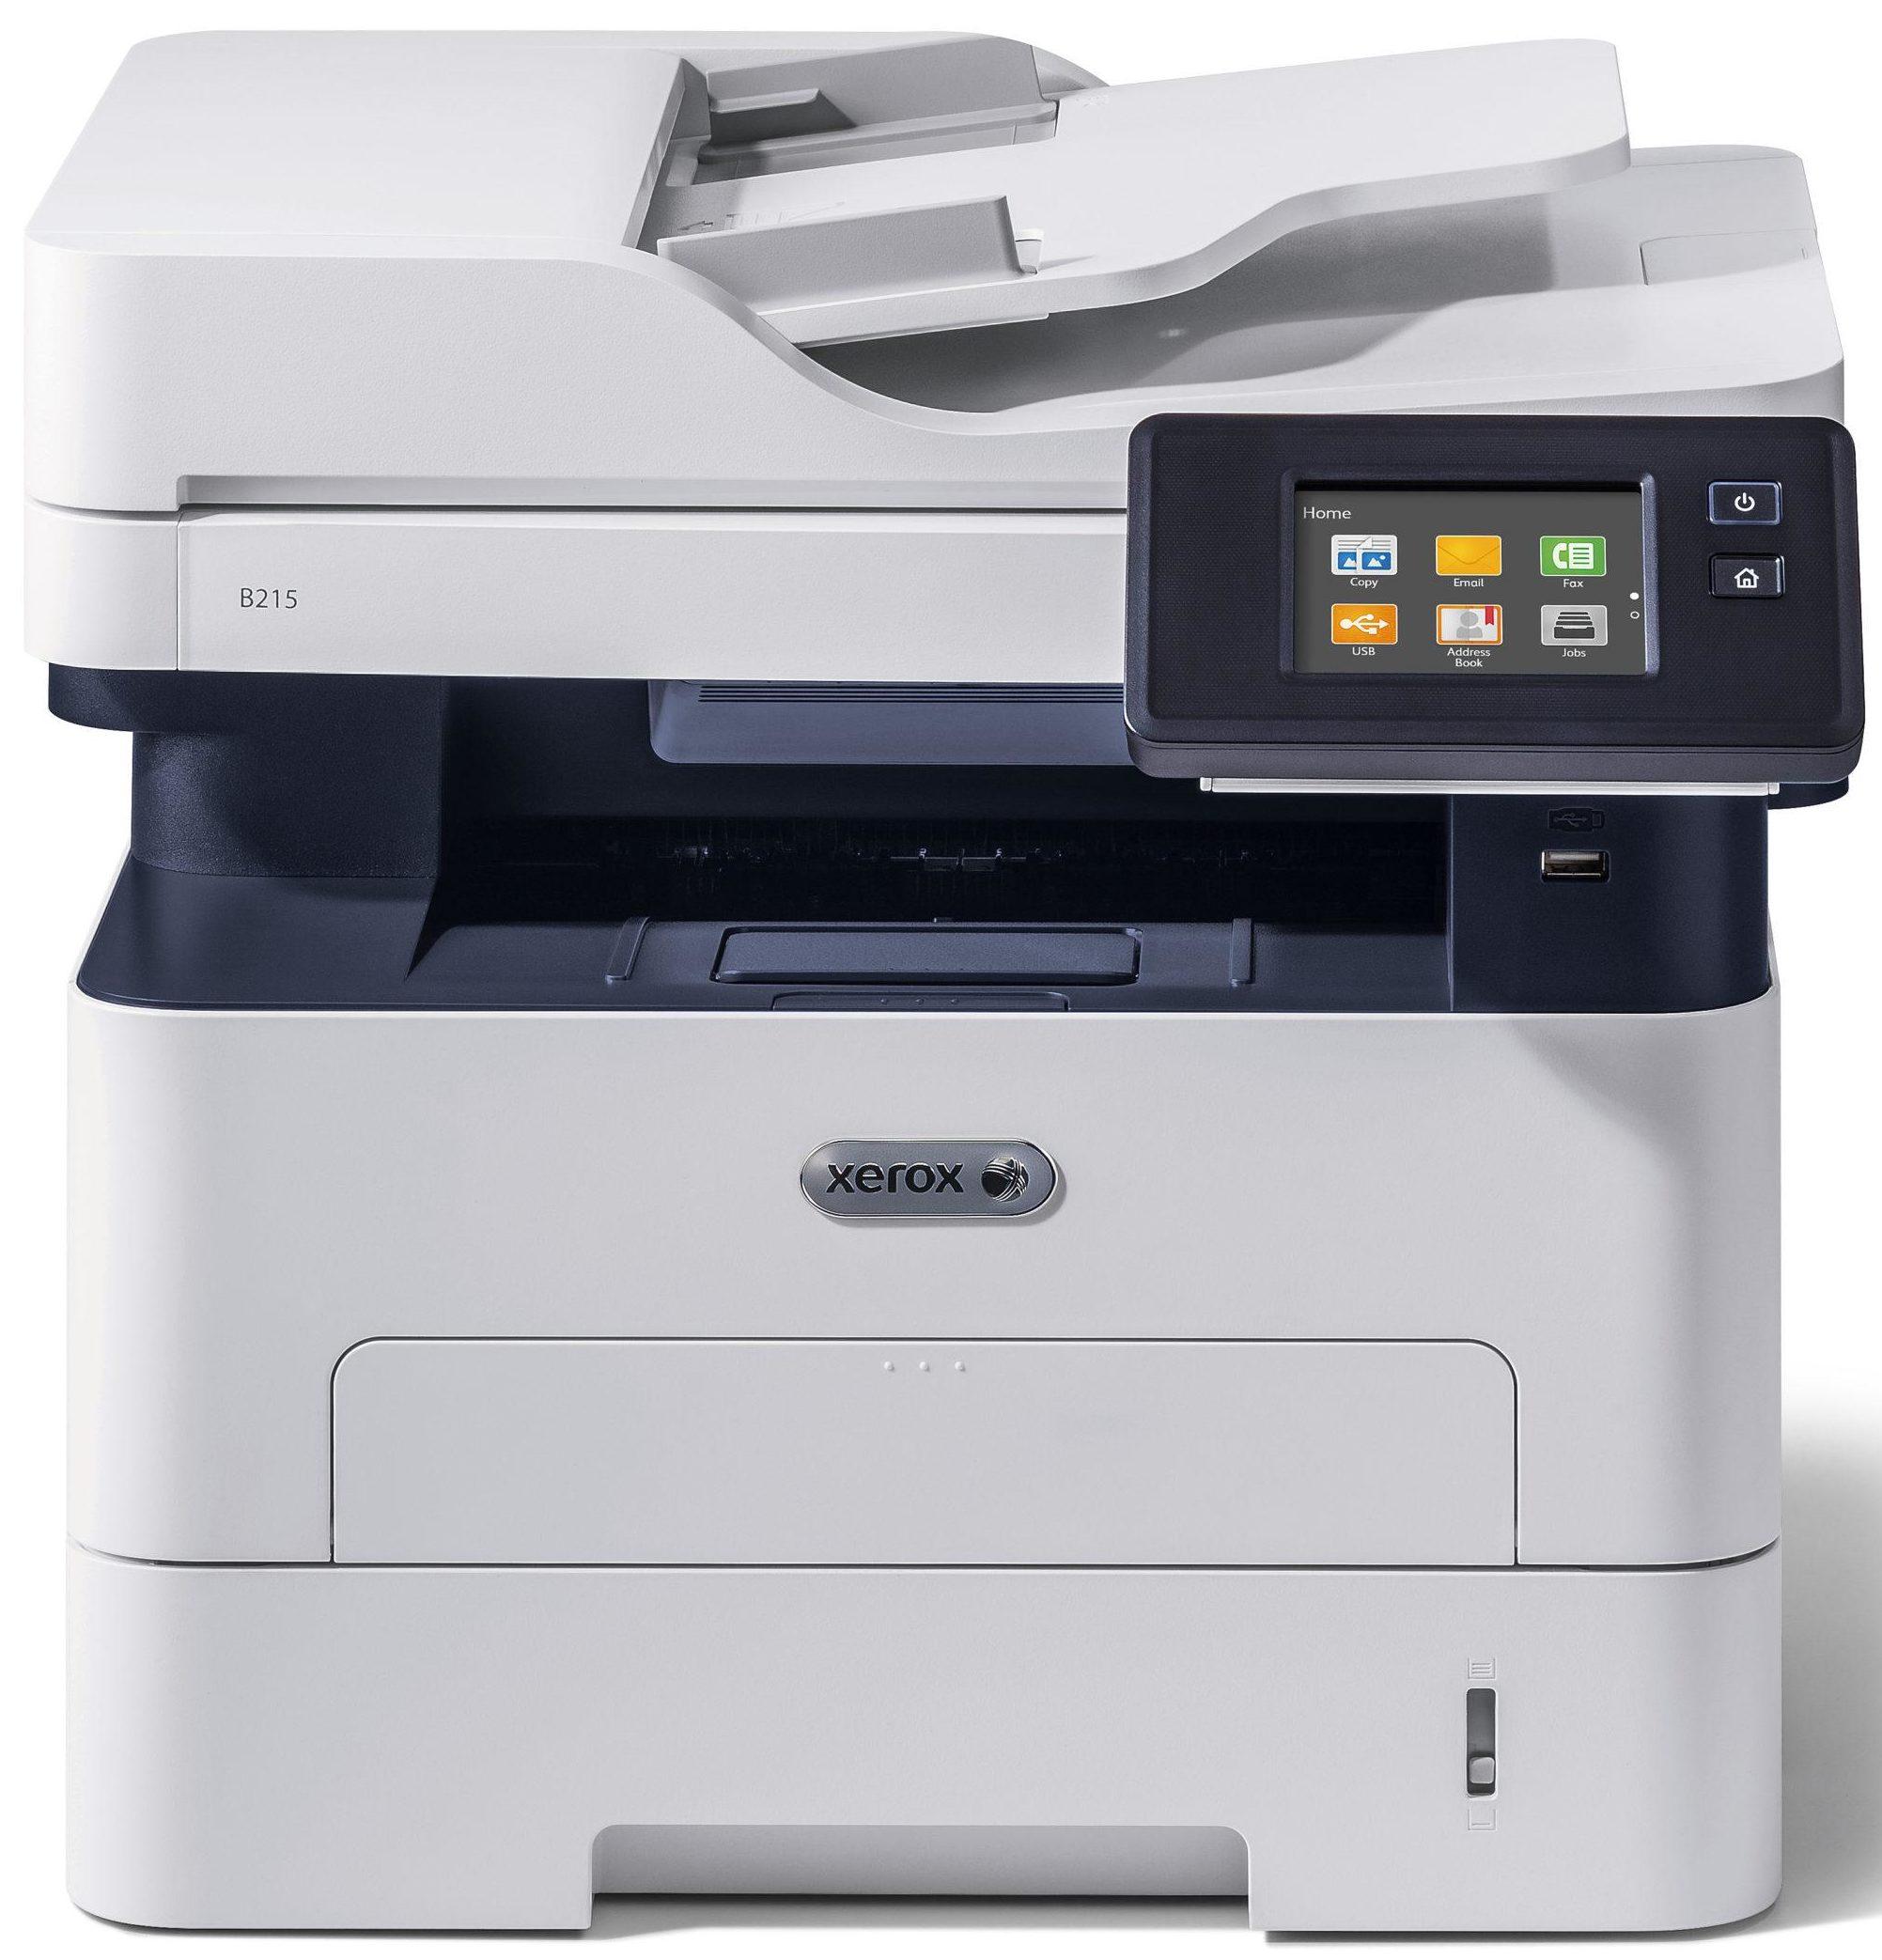 Xerox B215